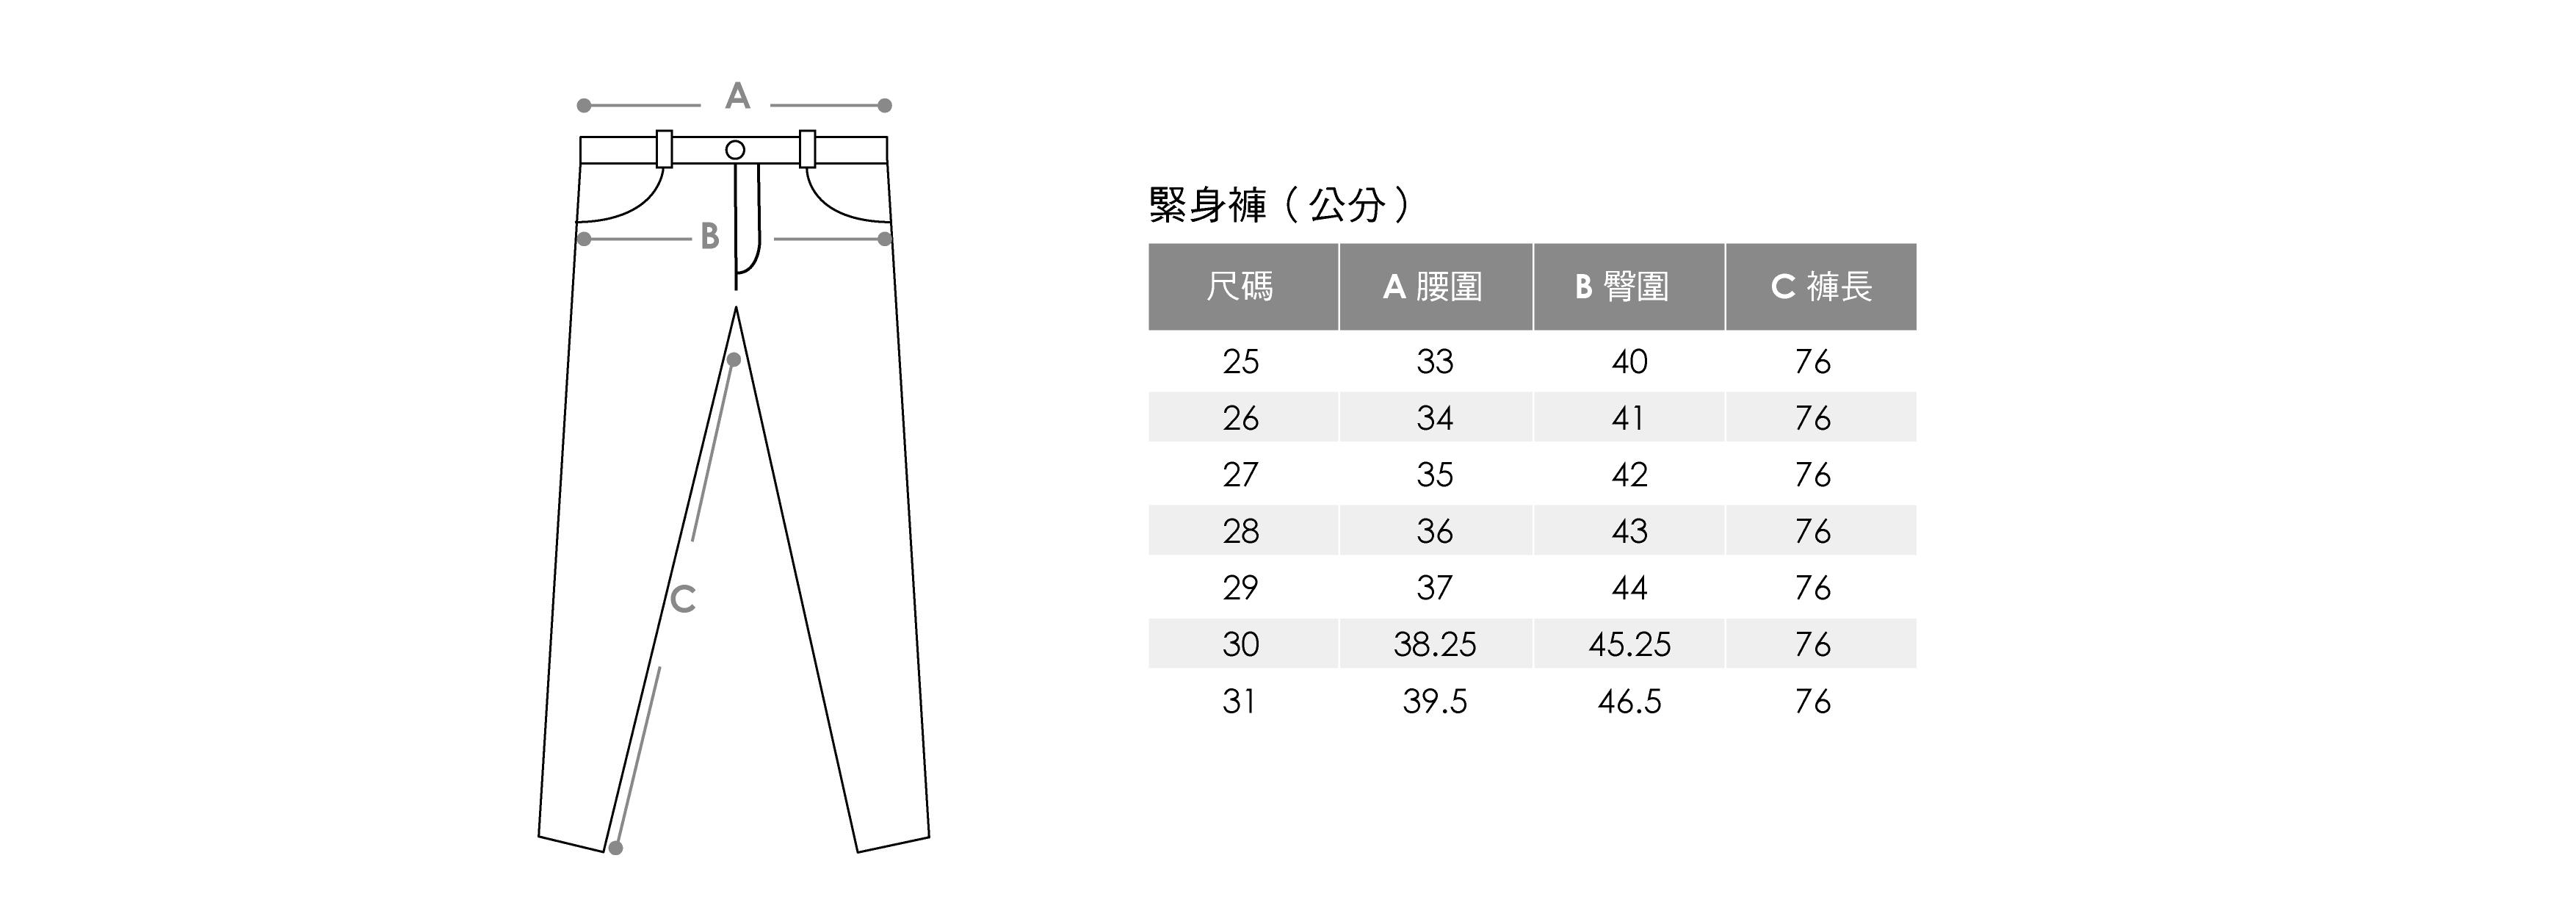 緊身褲尺寸表